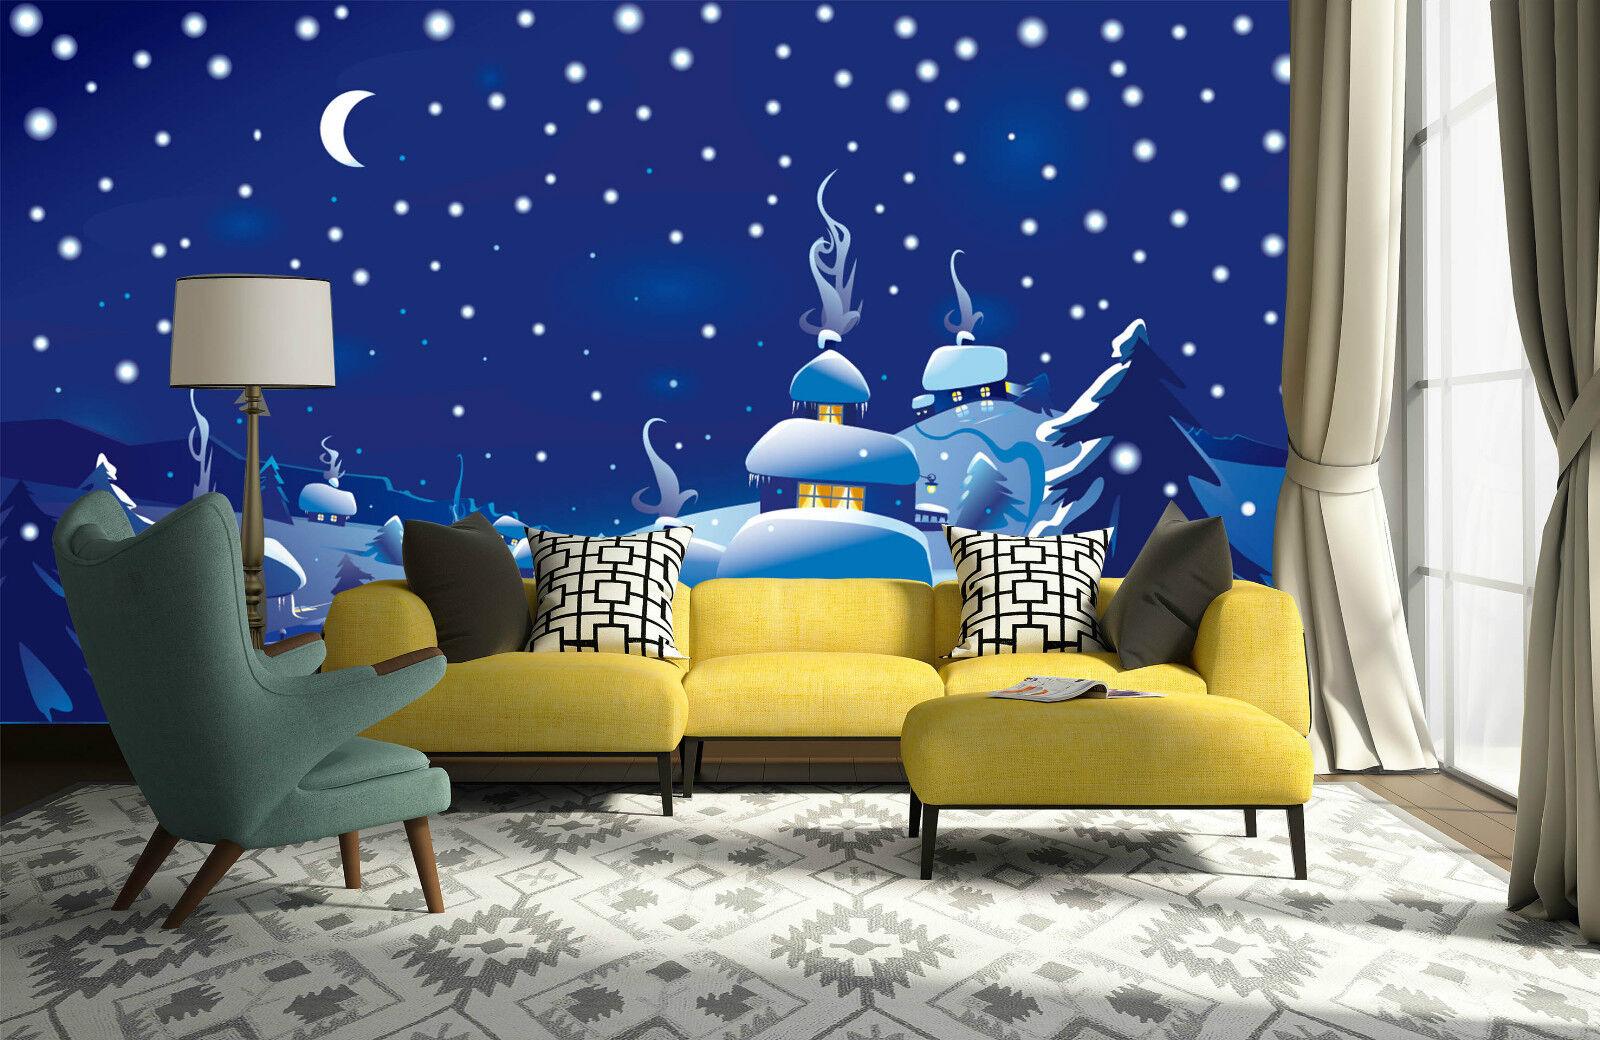 3D Sterne, Nachthimmel 4397 Fototapeten Fototapeten Fototapeten Wandbild Bild Tapete Familie Kinder c59049